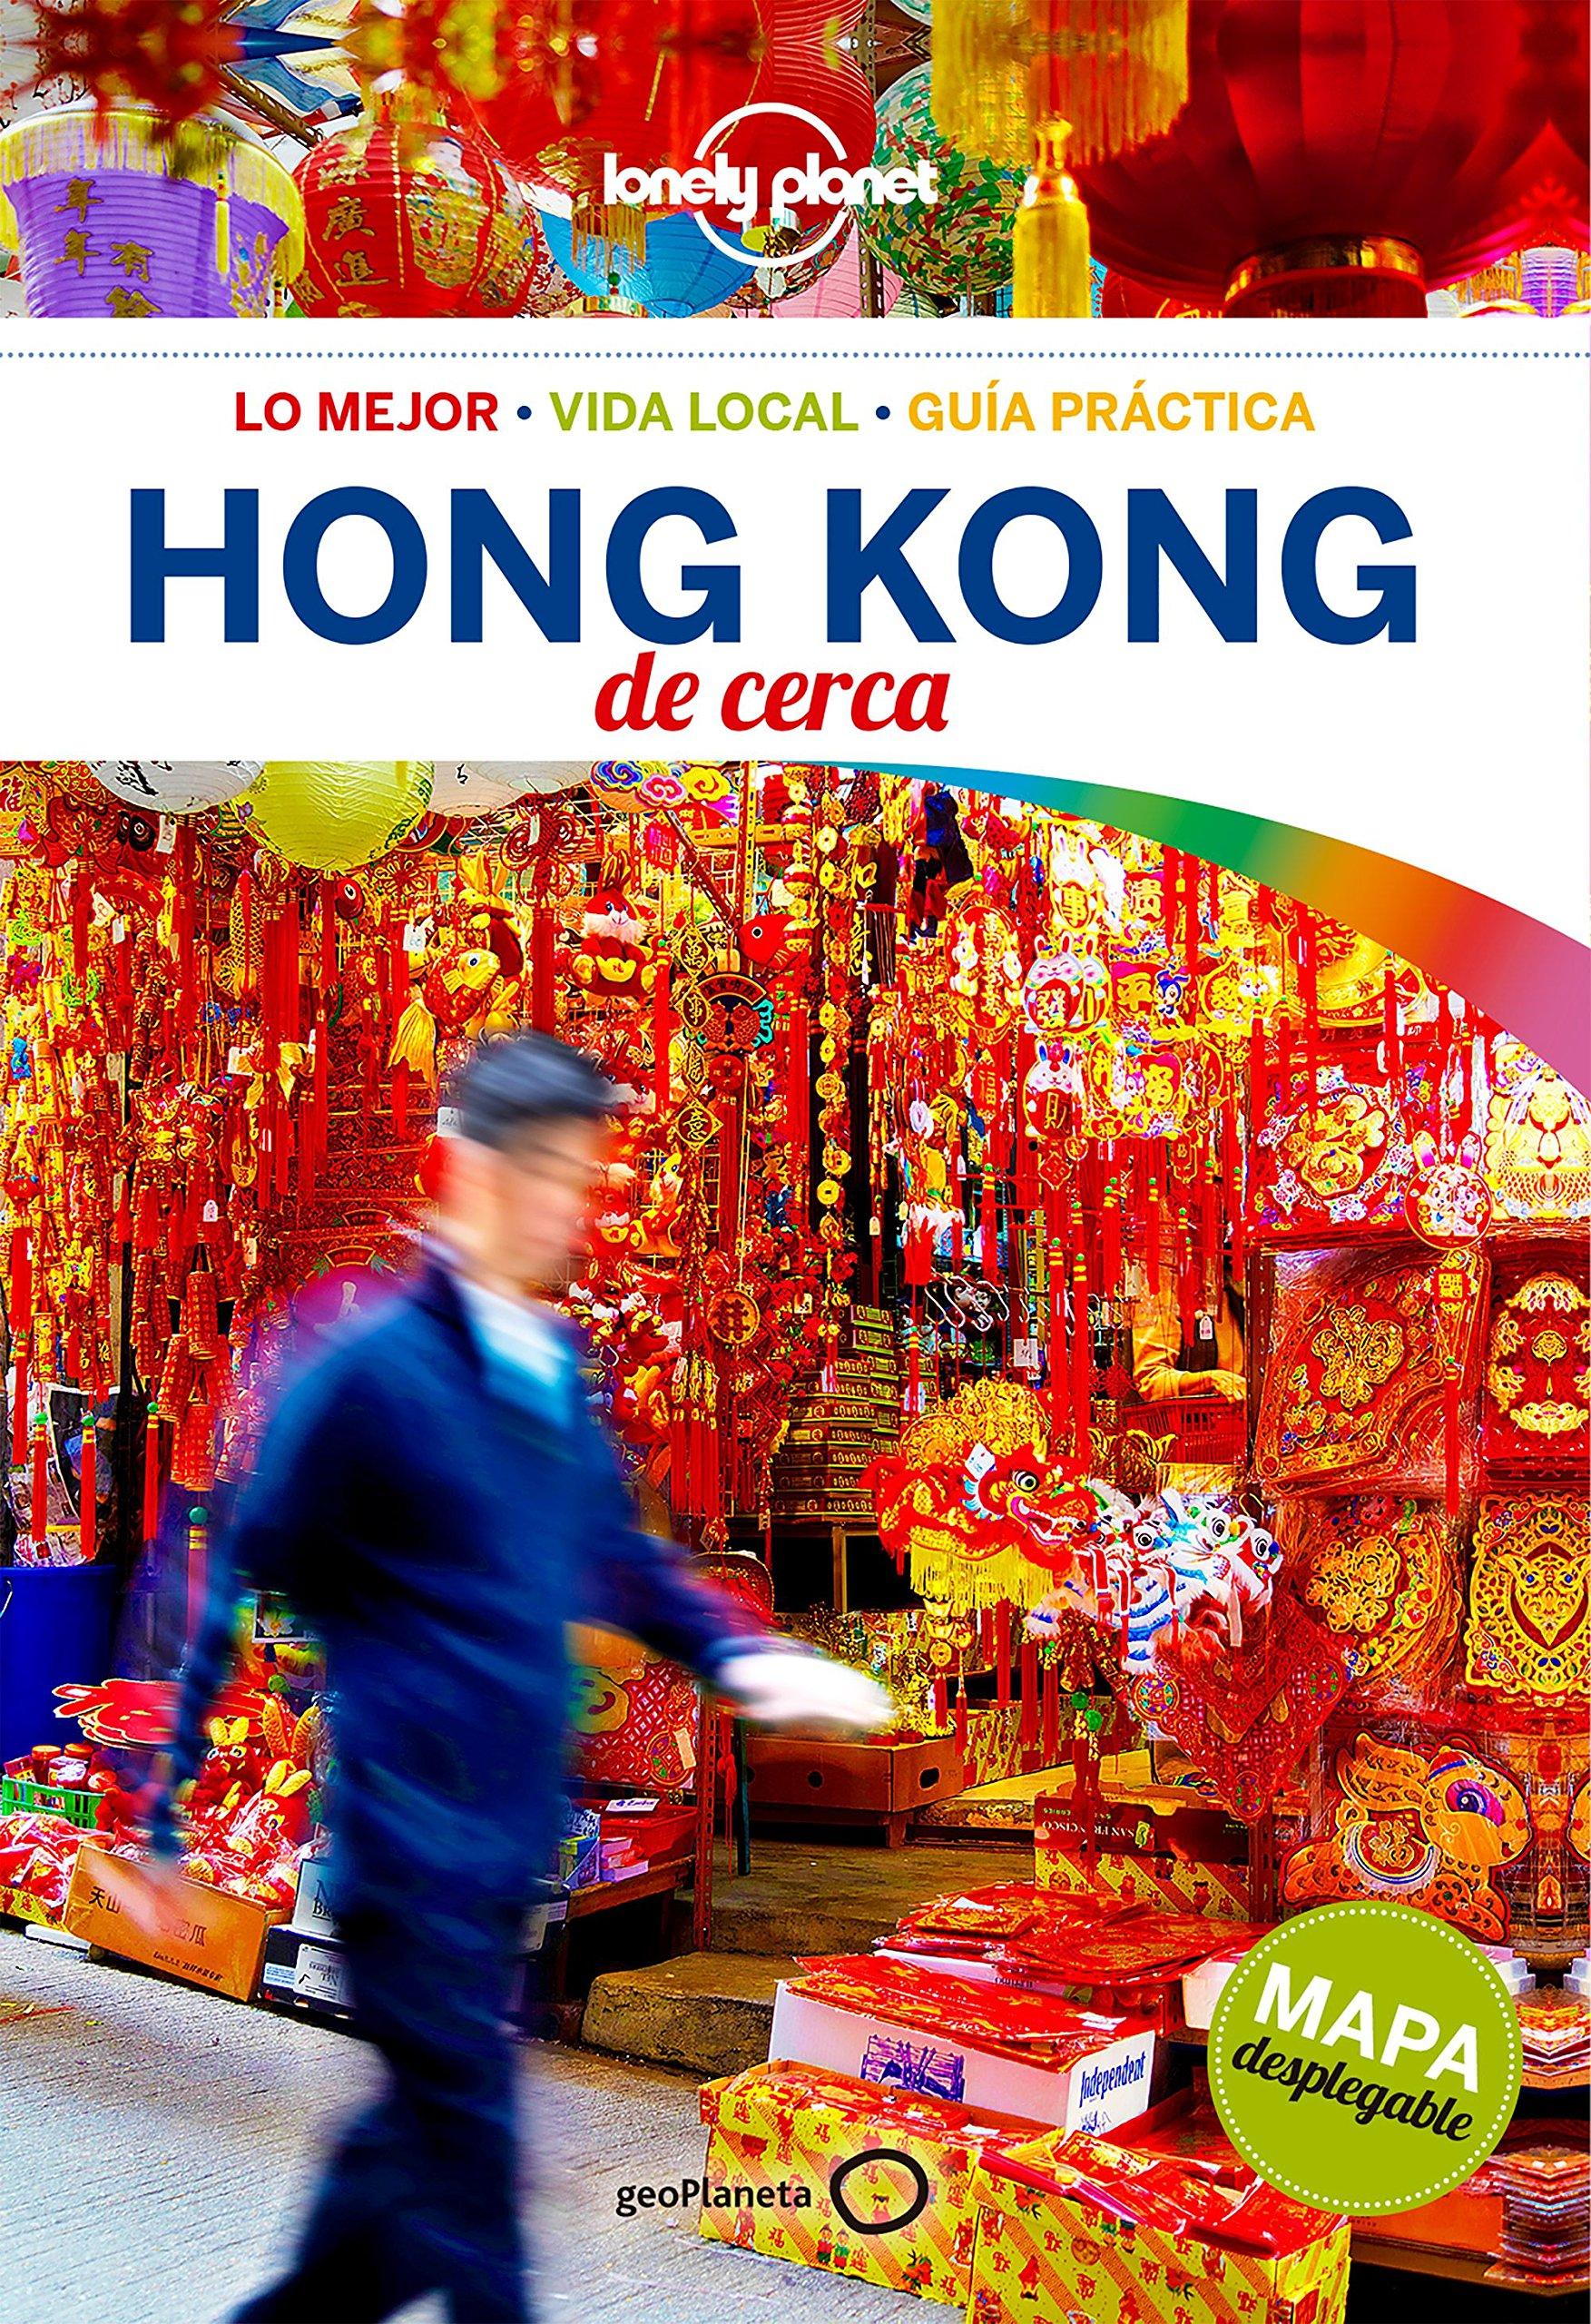 Hong Kong de cerca (Guías De cerca Lonely Planet) Tapa blanda – 5 sep 2017 Piera Chen Emily Matchar Raquel García Ulldemolins GeoPlaneta